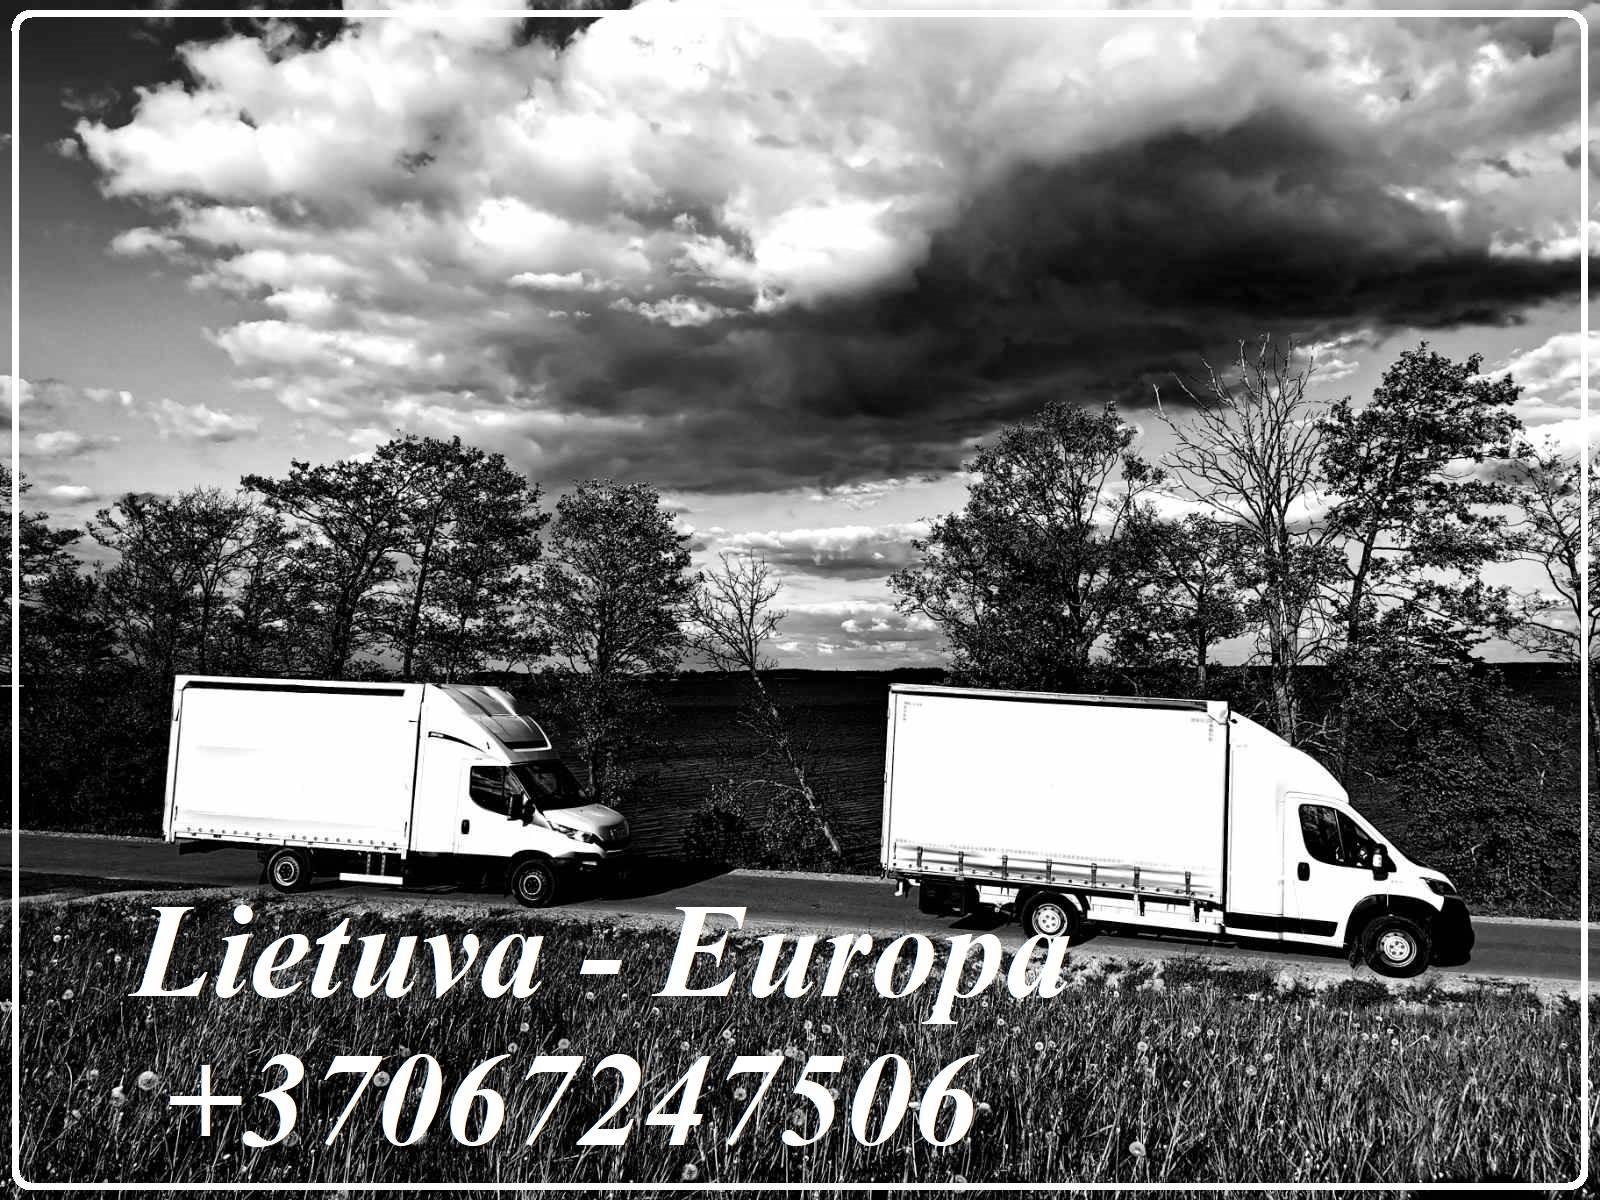 Lietuva - Europa - Lietuva ! 867247506 LT